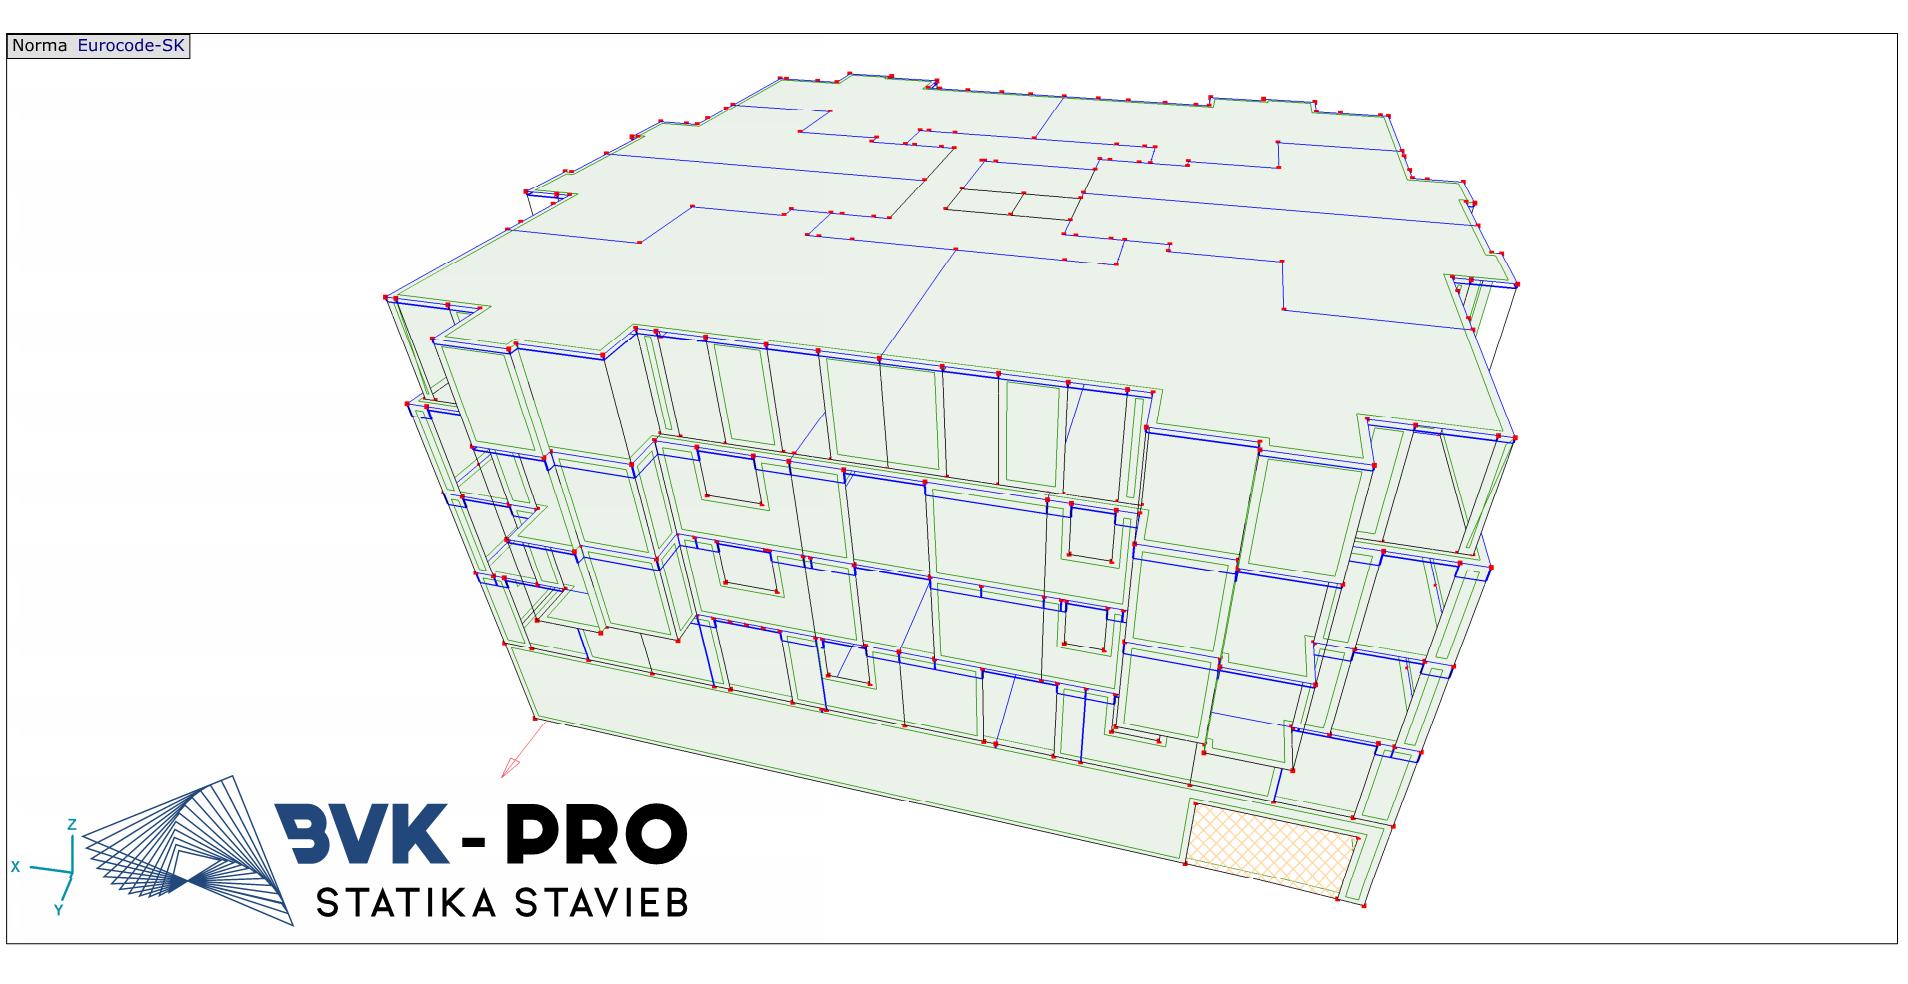 Bvk Pro 19 142 3